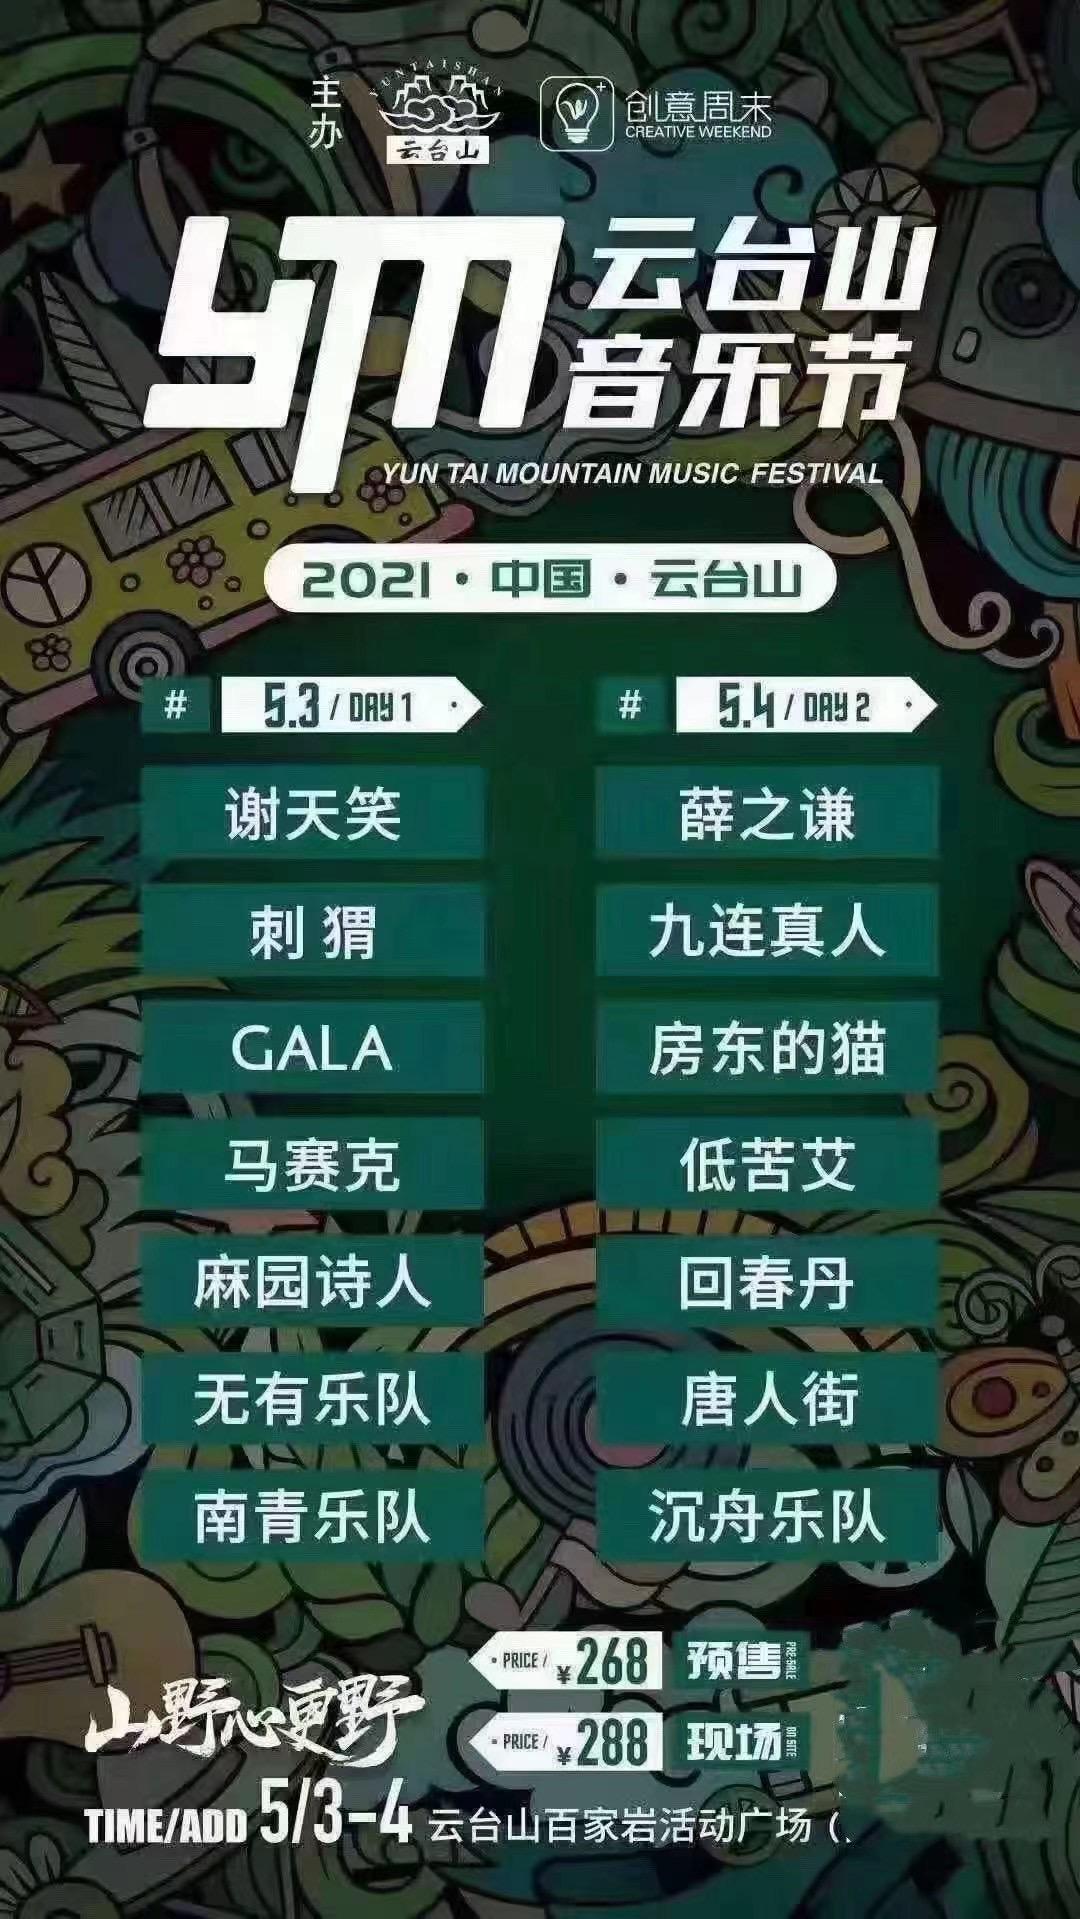 2021云台山音乐节